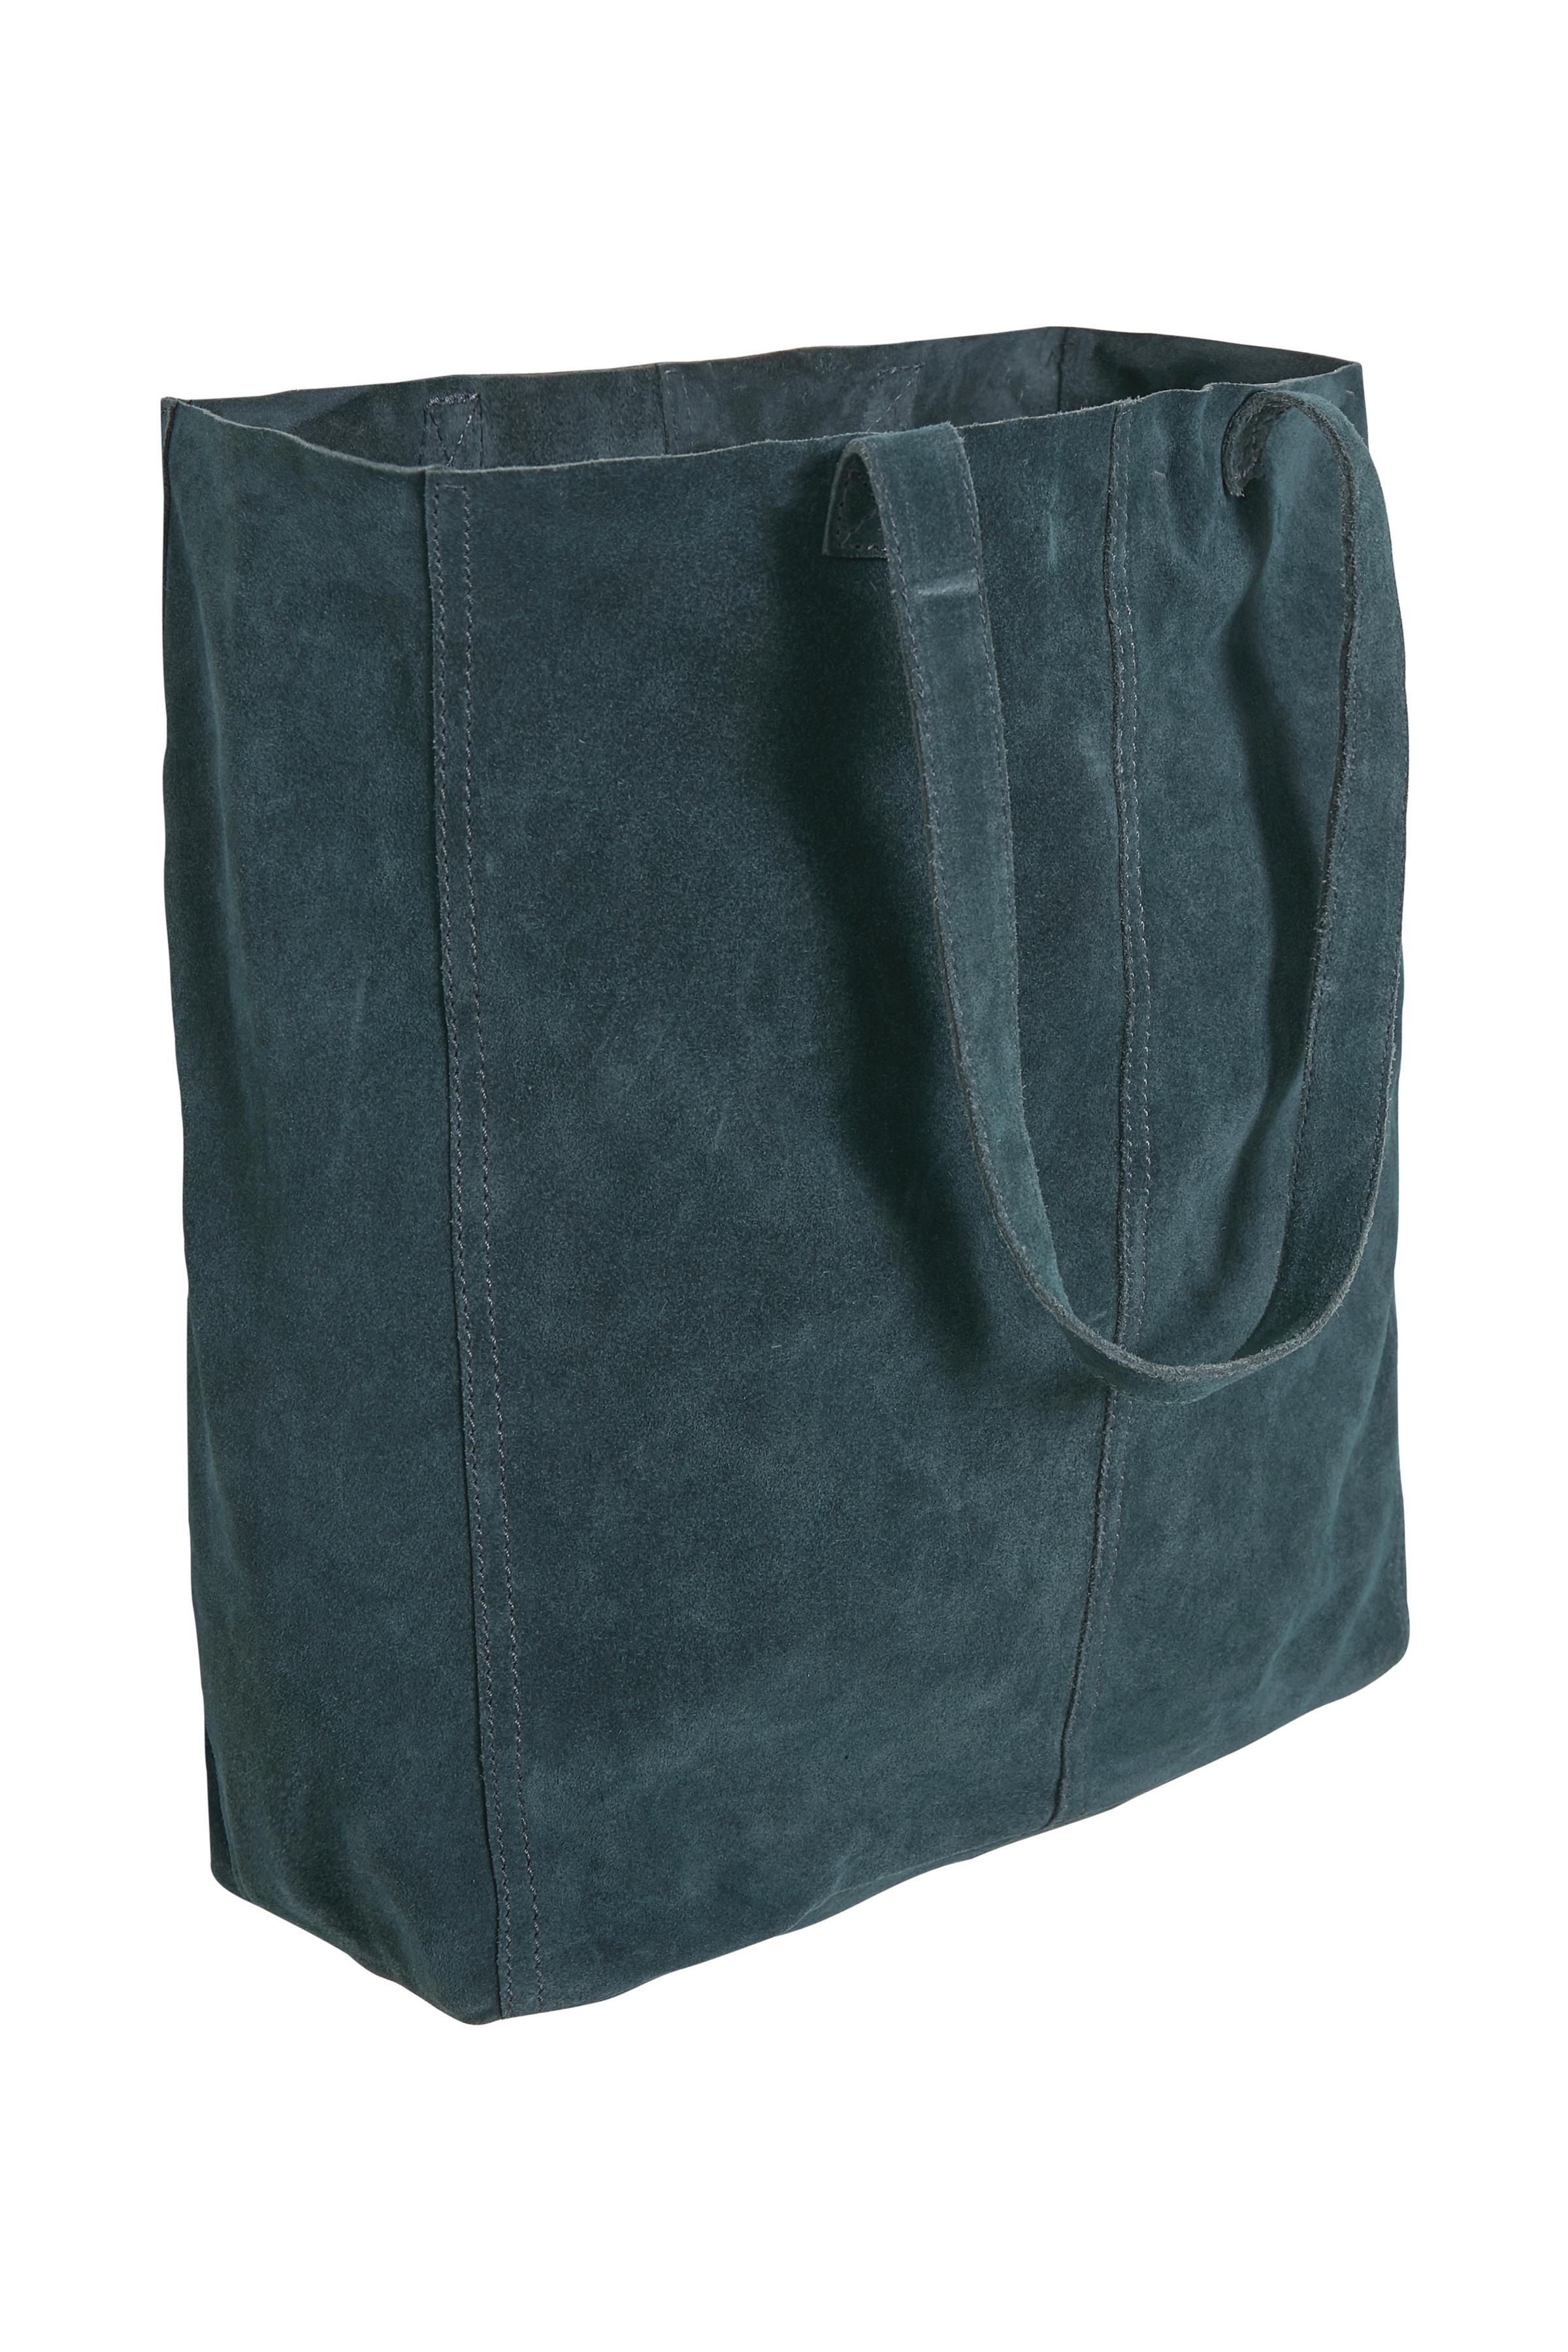 Majestic Green Taske fra b.young – Køb Majestic Green Taske fra str. ONE her